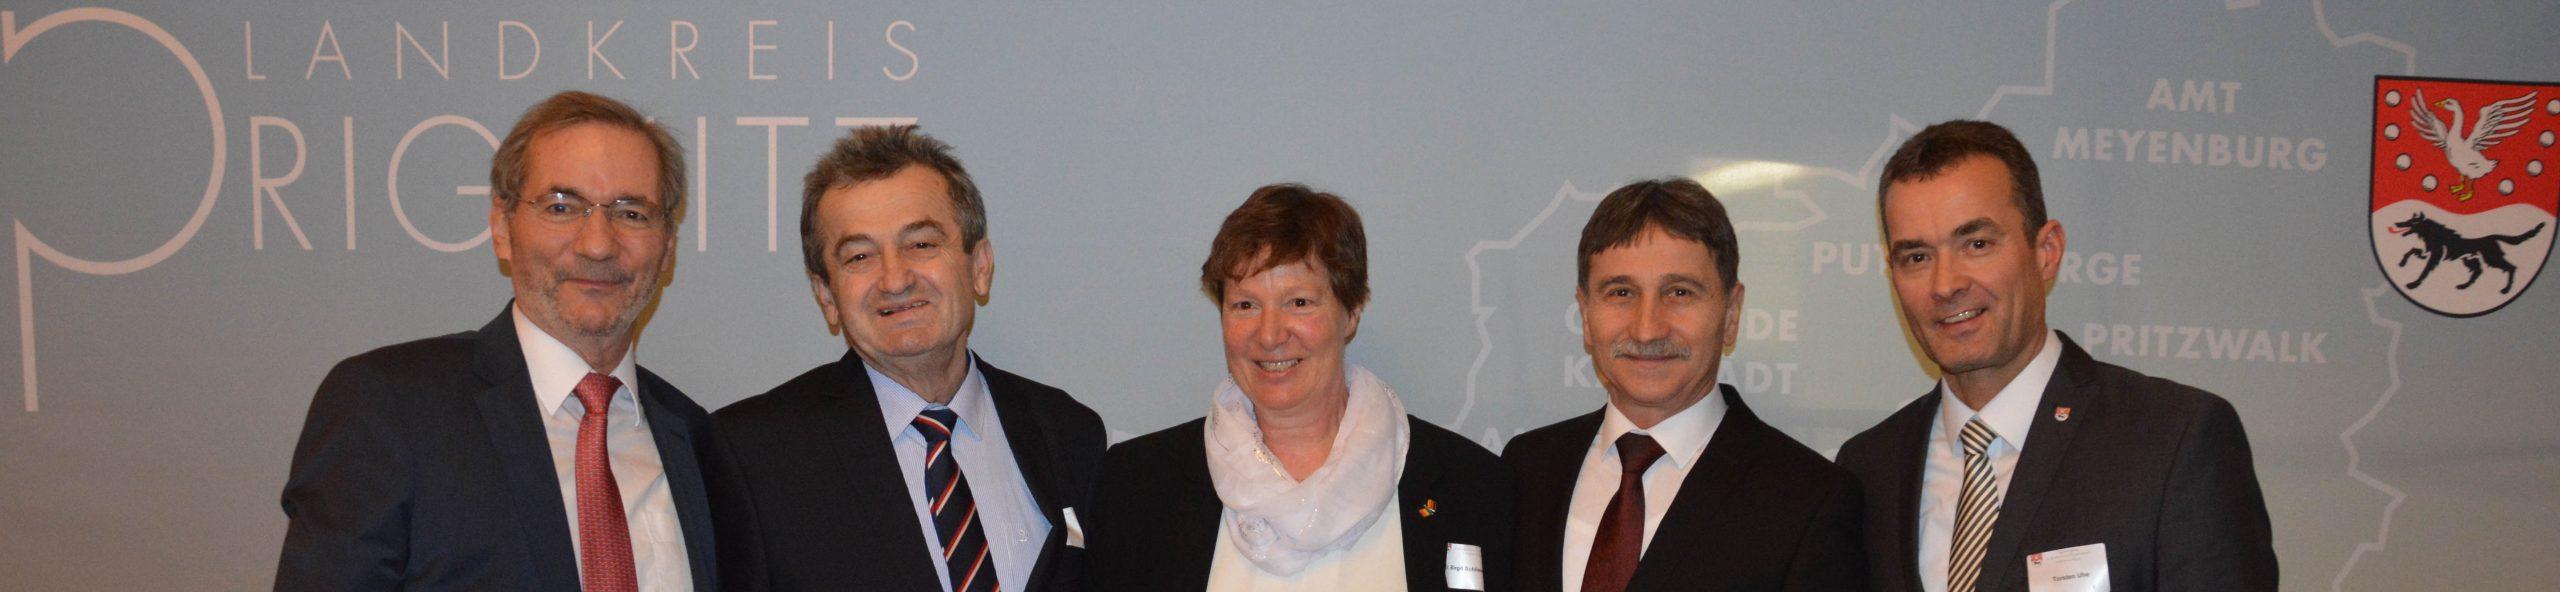 Brandenburg & Centru: Partnerregionen